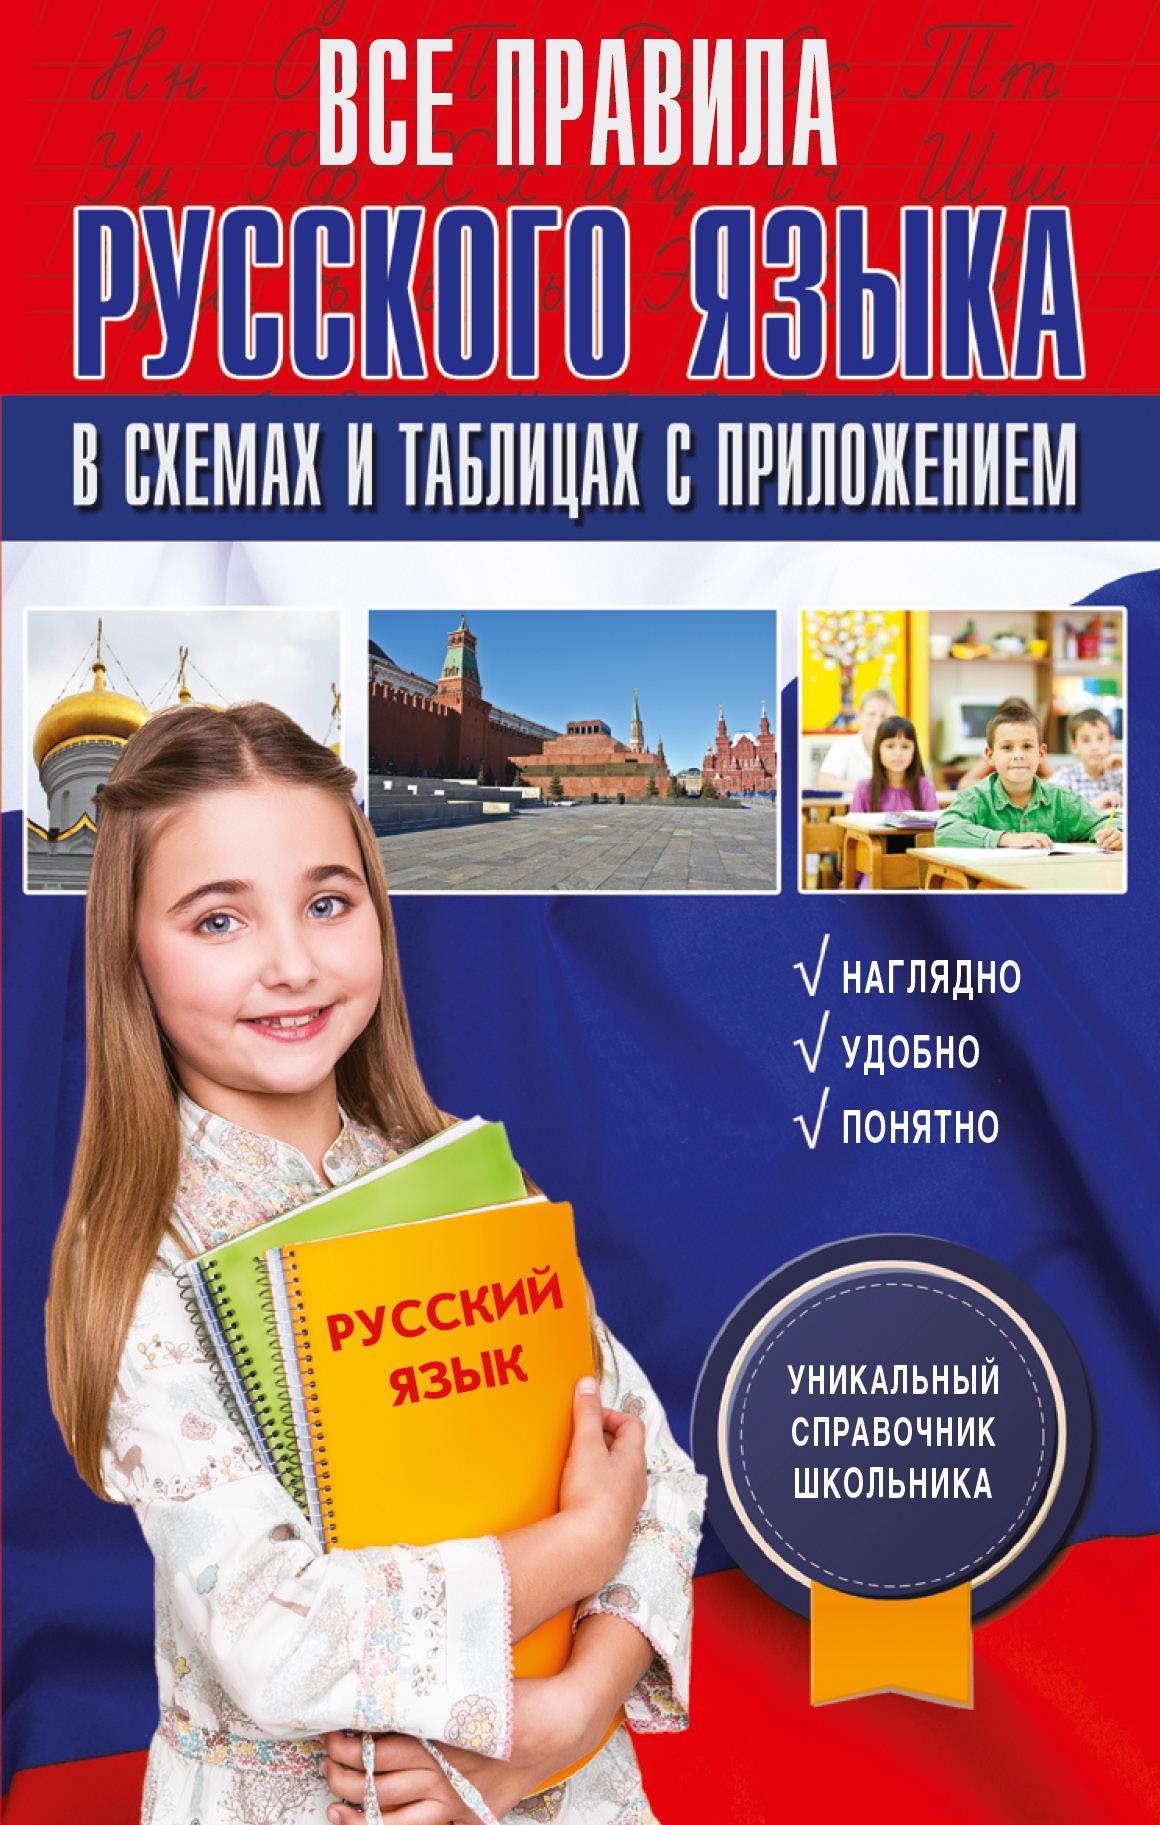 Все правила русского языка в схемах и таблицах с приложением